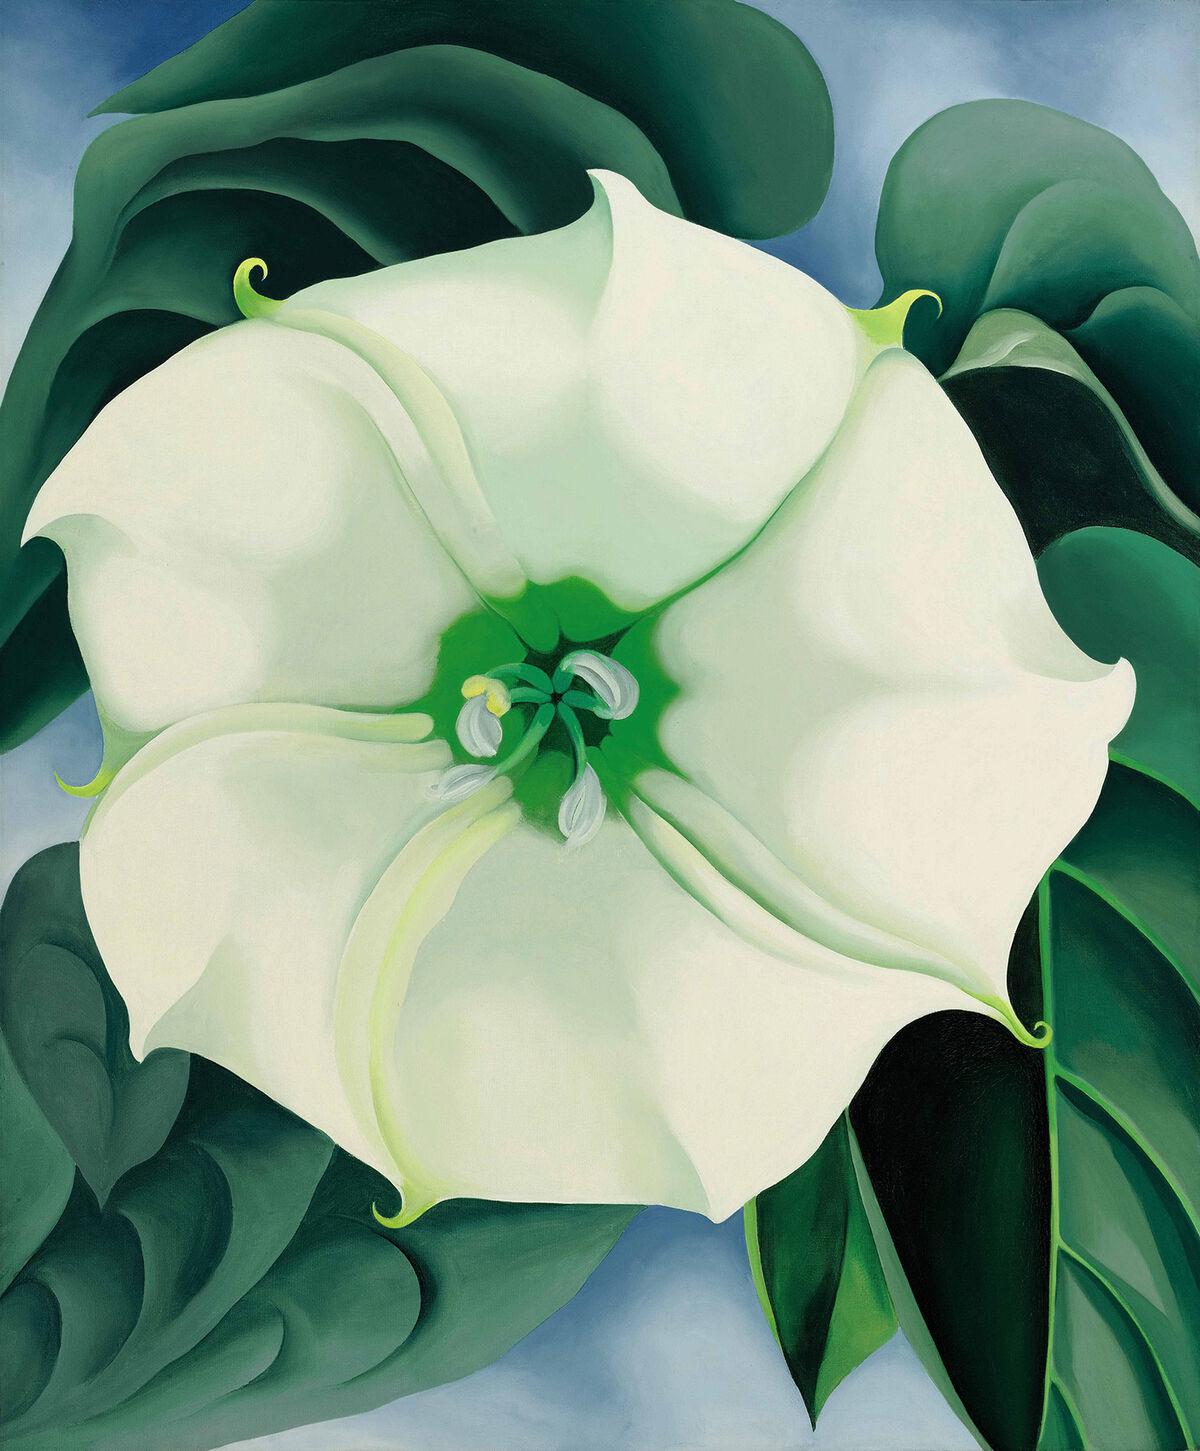 Georgia O'Keeffe, Jimson Weed / White Flower No. 1, 1932. Foto de Edward C. Robison III.  Cortesía del Museo de Arte Americano Crystal Bridges, Bentonville, Arkansas.